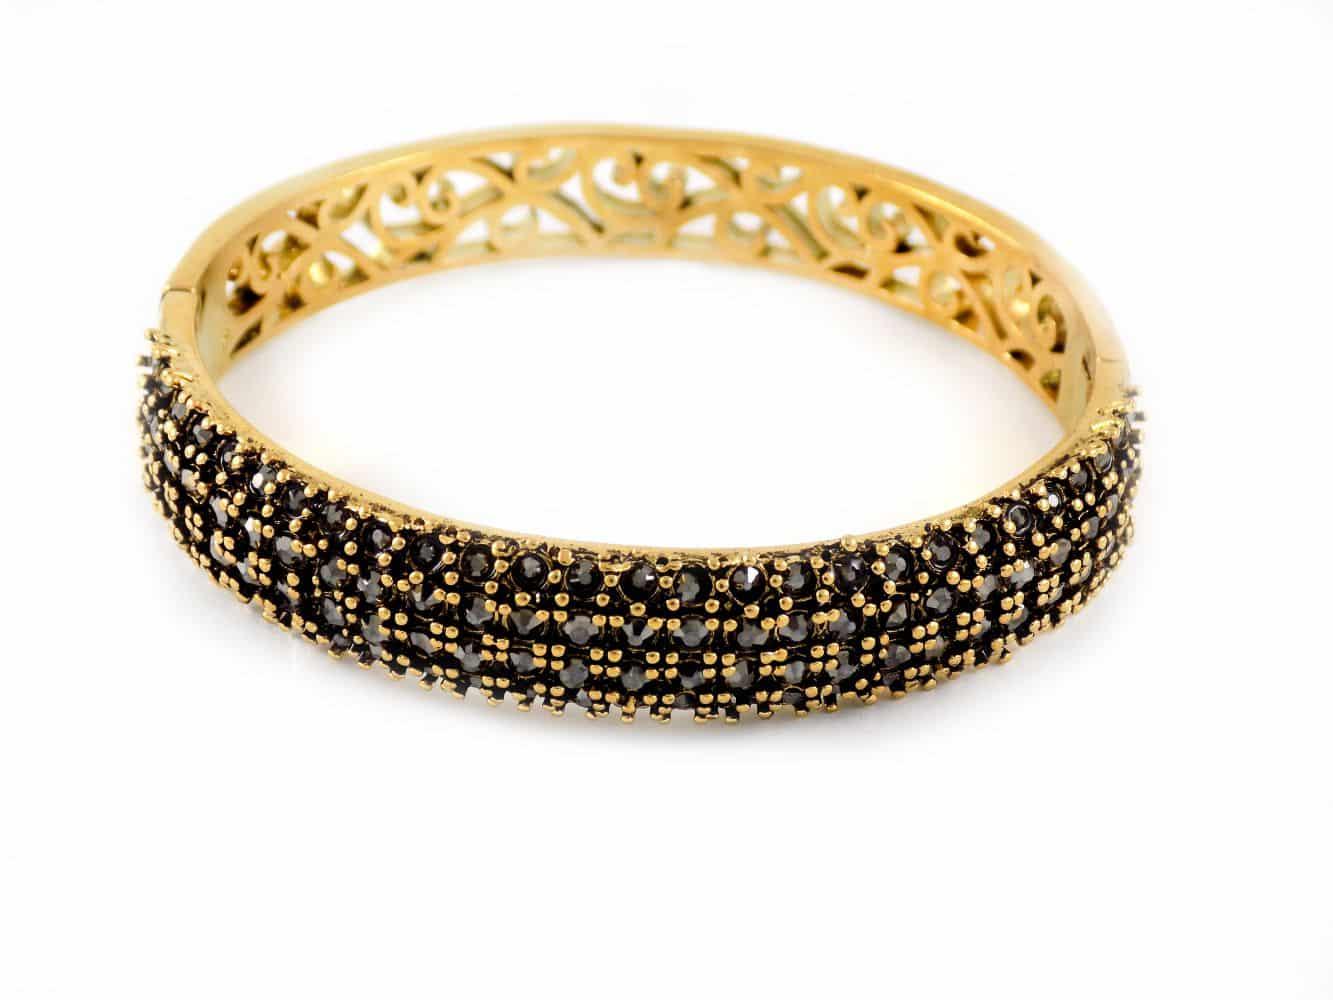 دستبند زنانه طرح طلای استیل نگین مارکازیت با قطر 57 میلی متری DS-N165 از نمای پایین